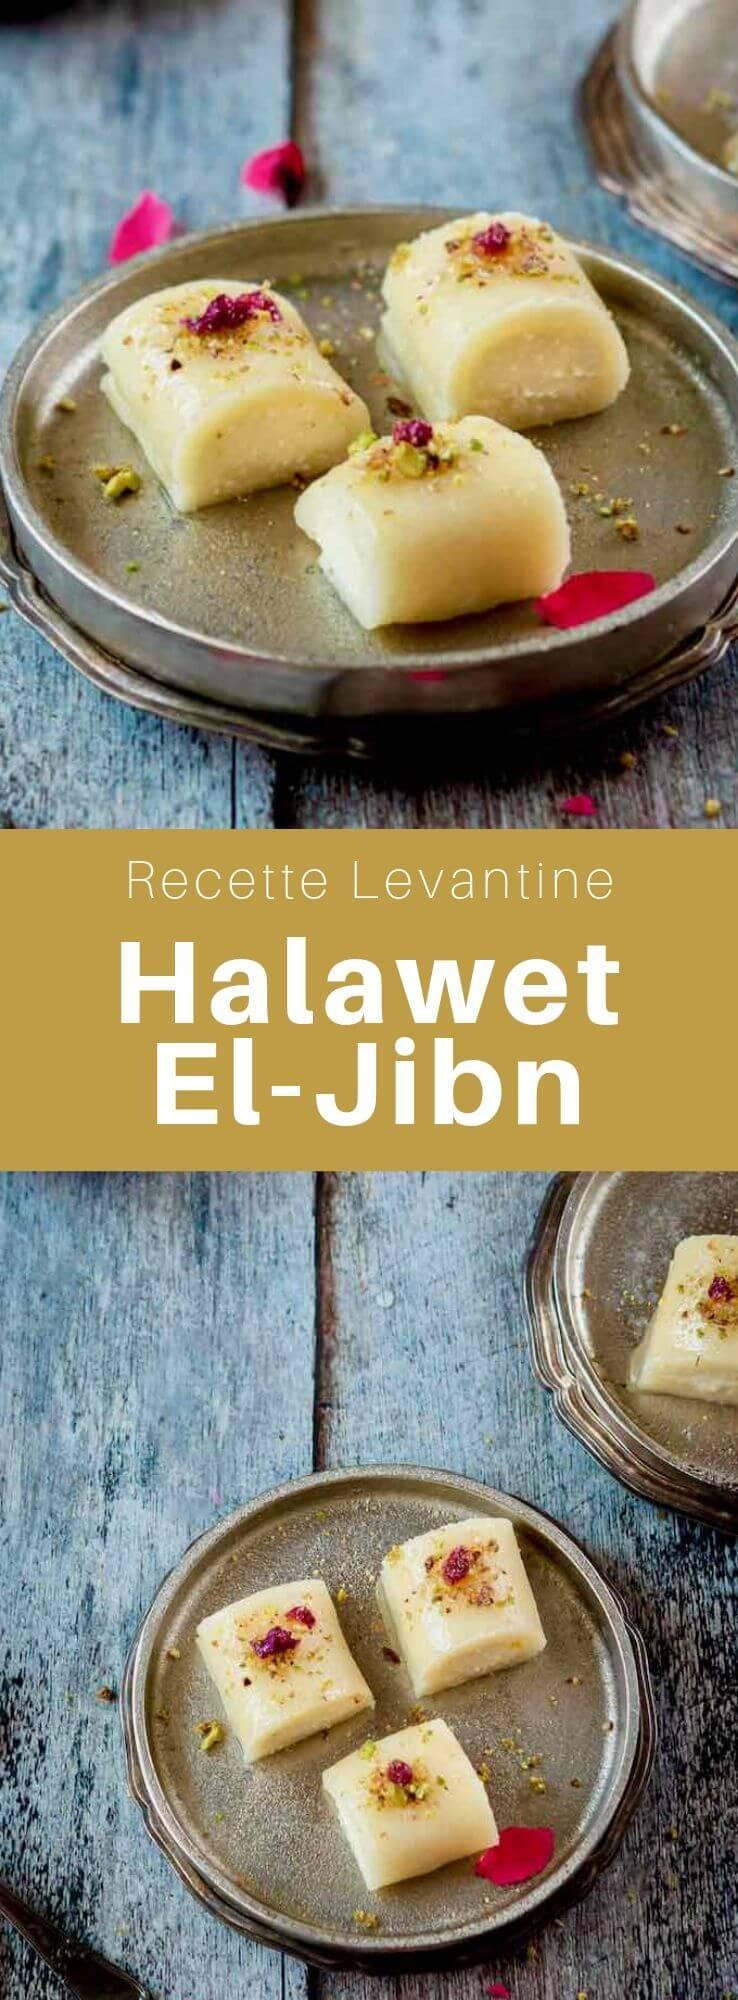 Le halawet el-jibn est un dessert traditionnel levantin et du Moyen-Orient, d'origine syrienne composé d'une pâte à base de semoule et de fromage, garnie de crème et de sirop de sucre. #ProcheOrient #CuisineMoyenOrientale #MoyenOrient #CuisineArabe #RecetteArabe #CuisineSyrienne #RecetteSyrienne #CuisineDuMonde #196flavors